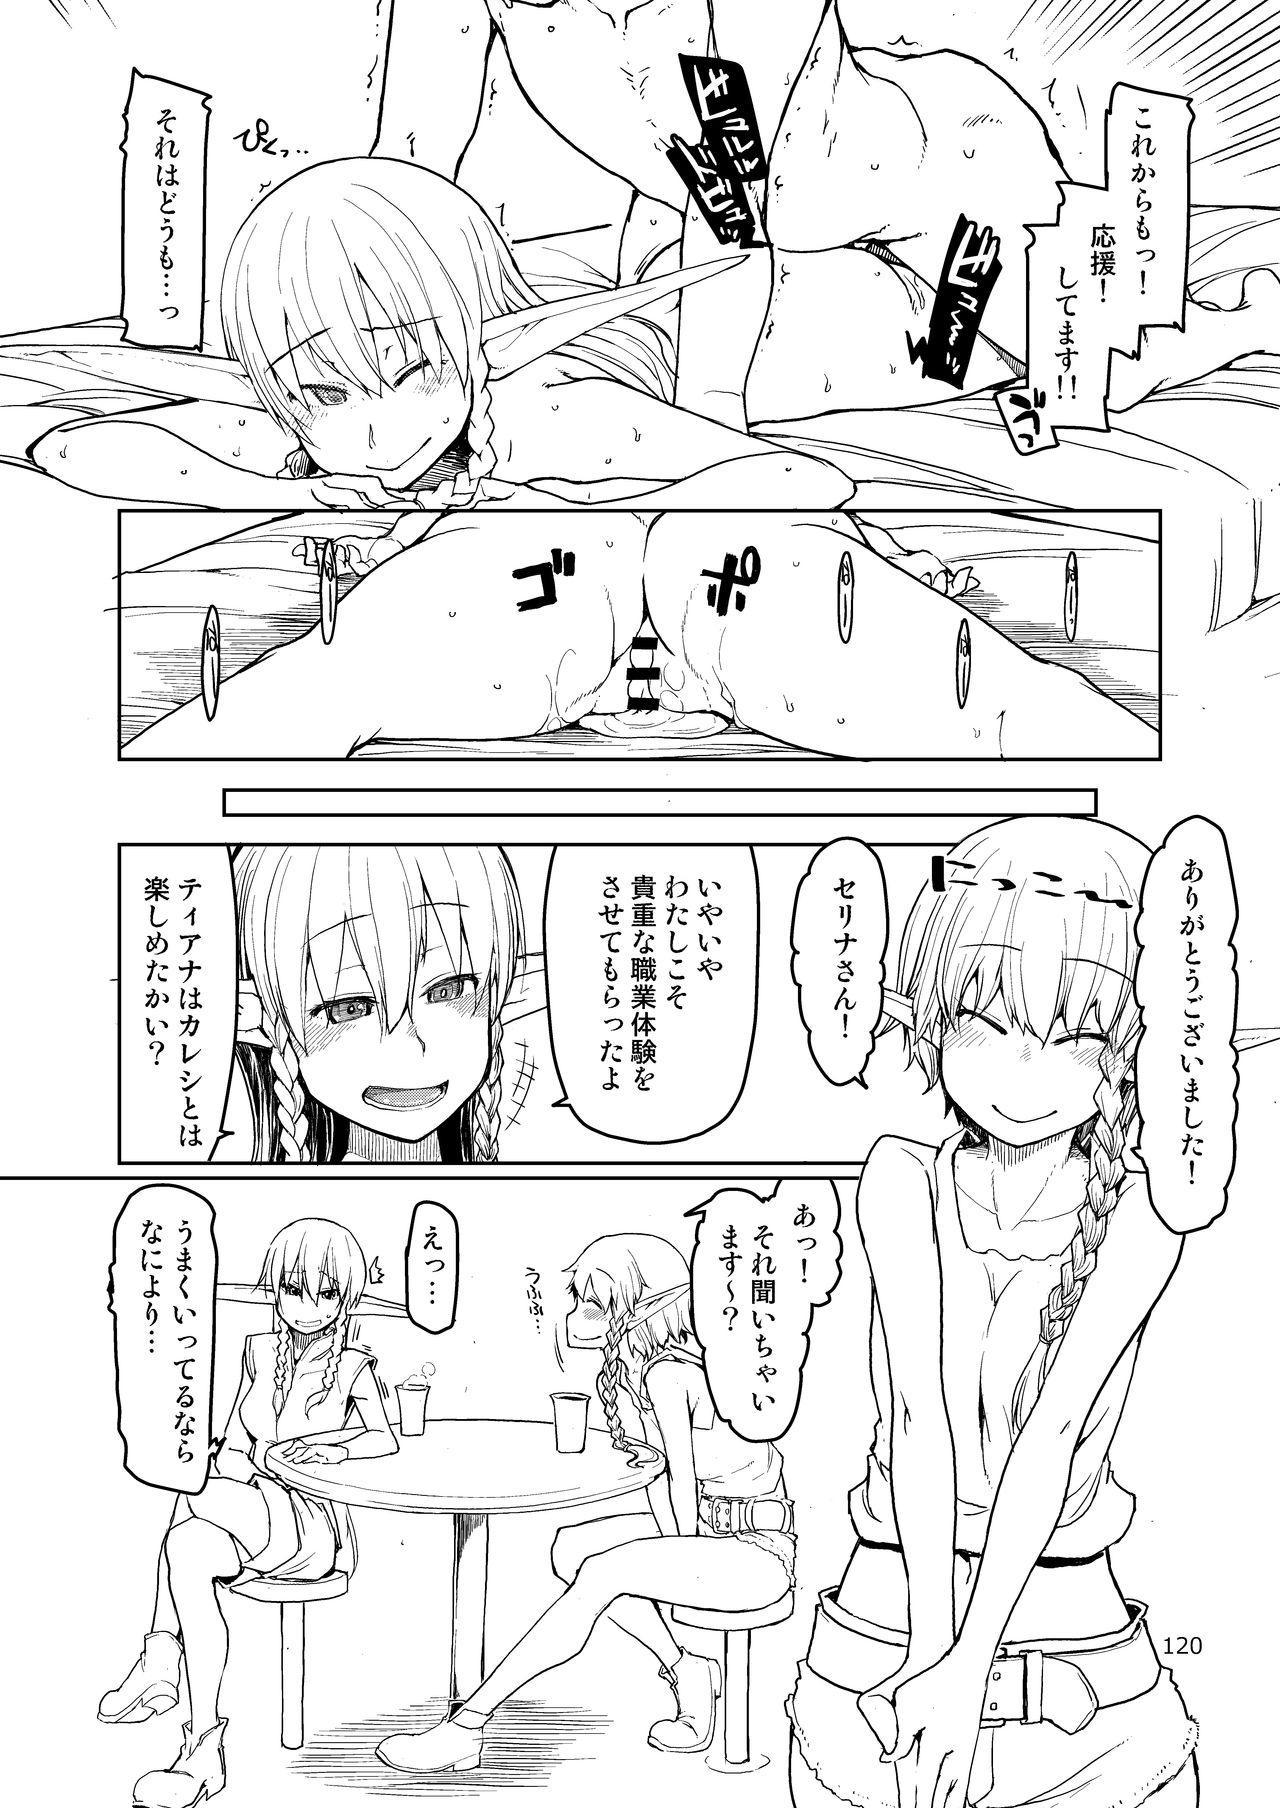 Dosukebe Elf no Ishukan Nikki Matome 2 120